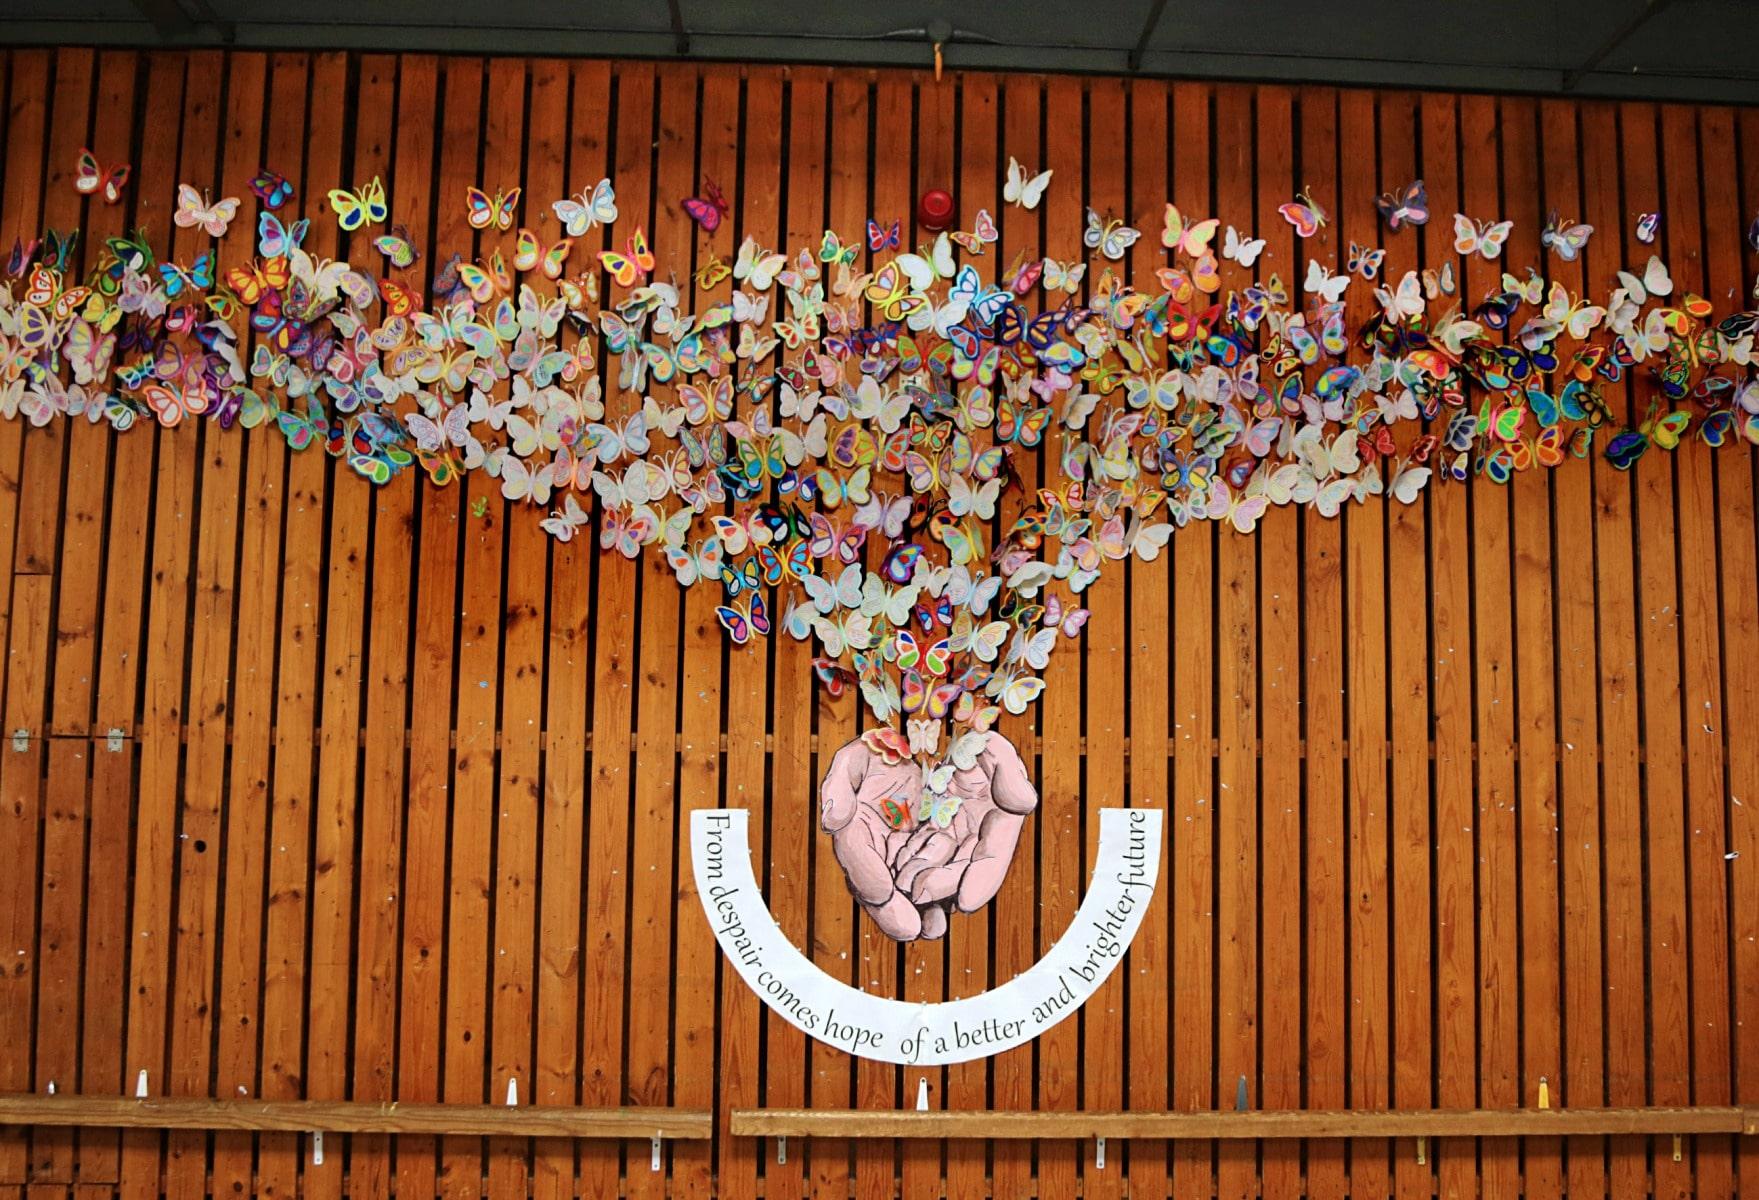 27-ene-17-alumnos-de-la-escuela-obispo-fitzgerald-de-gibraltar-conmemoran-el-holocausto_31742371673_o